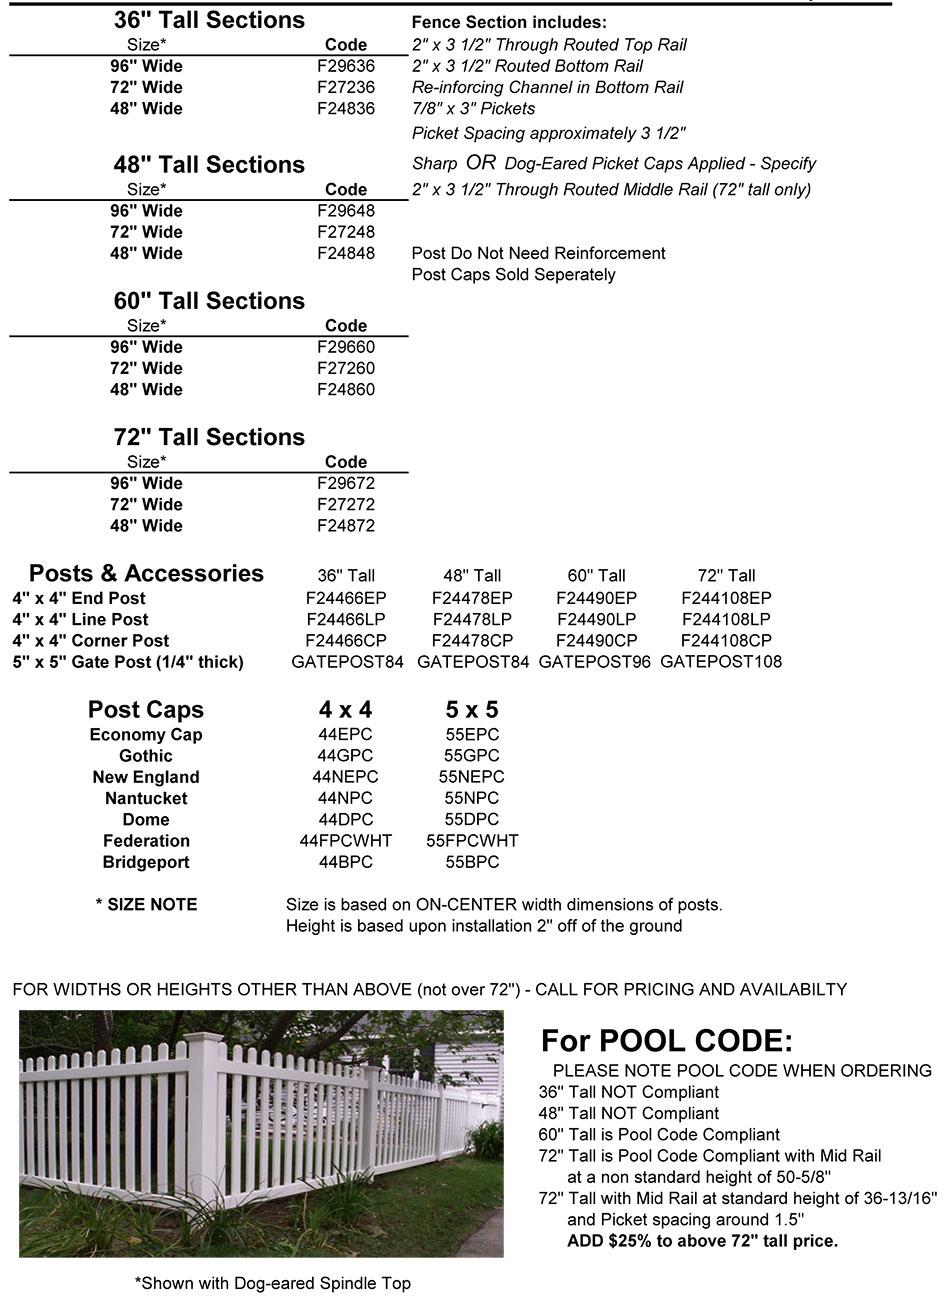 Fairmont 2 Size Information